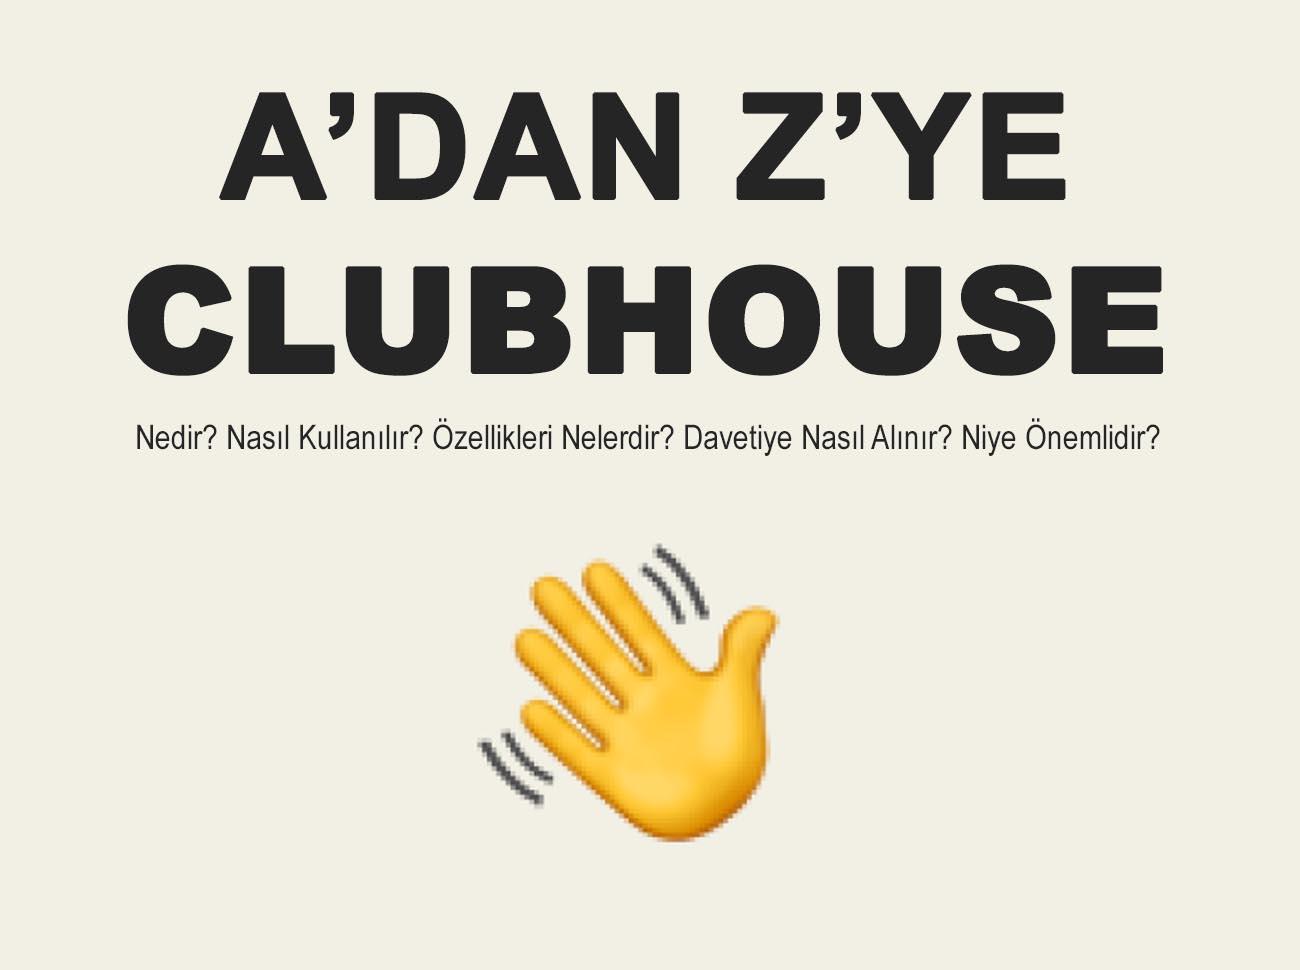 Clubhouse Nedir? Nasıl Kullanılır?